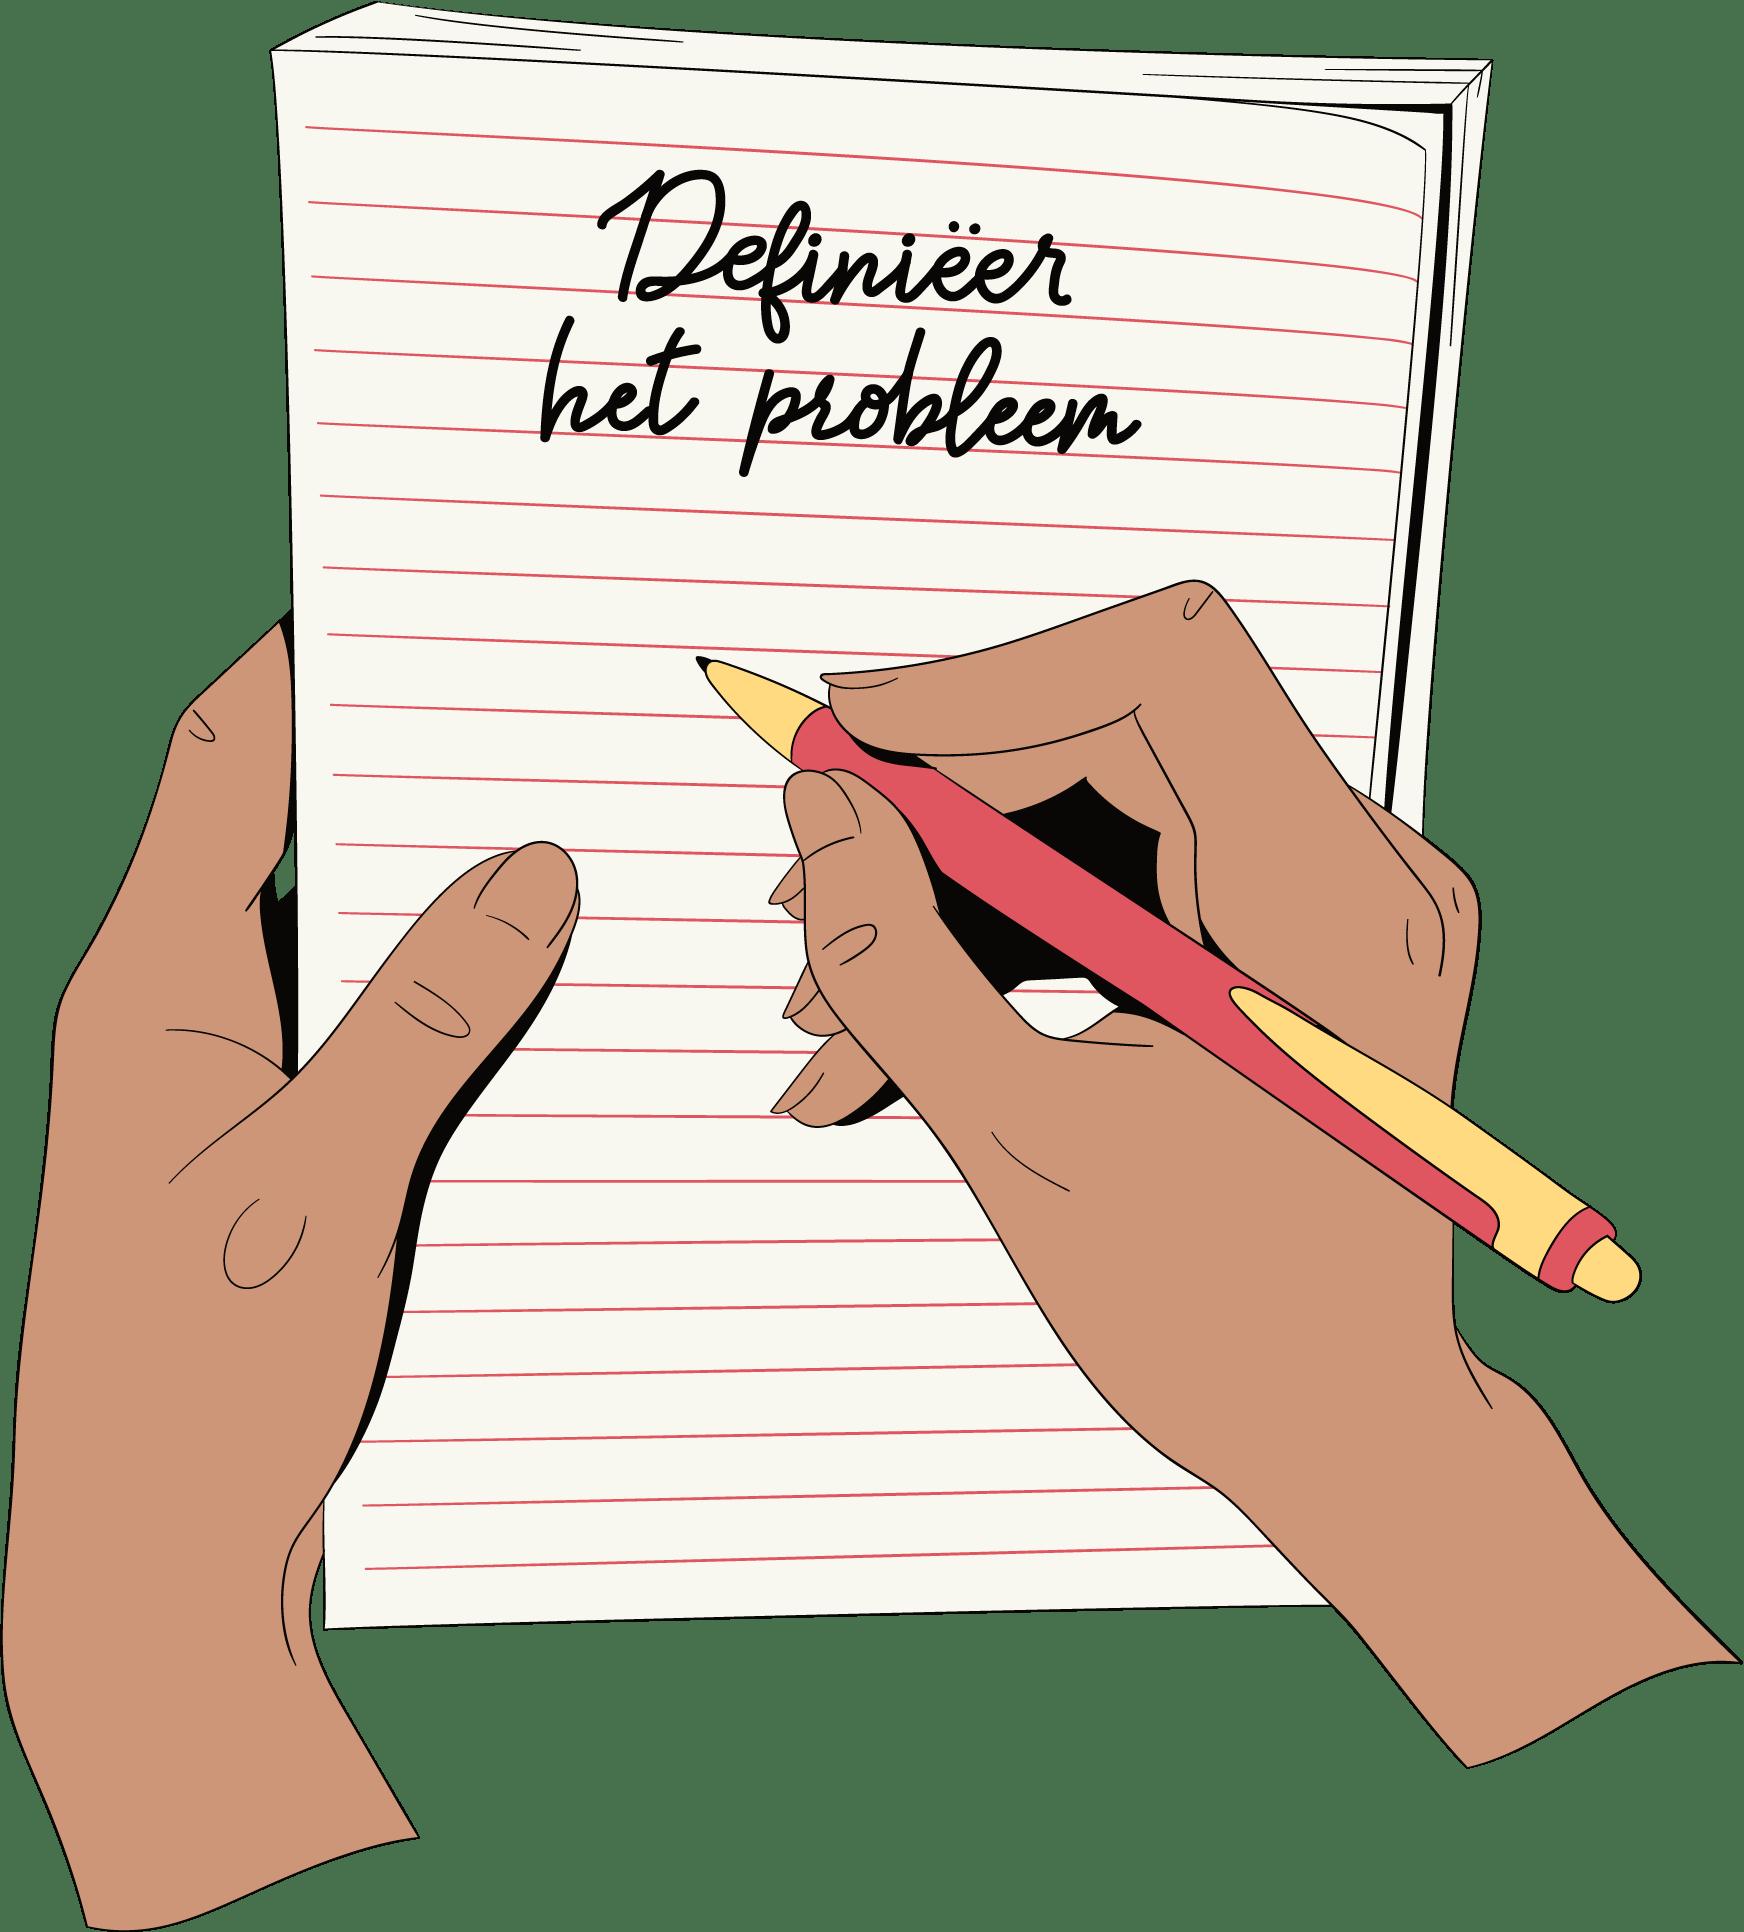 Definieer het probleem van de breakup